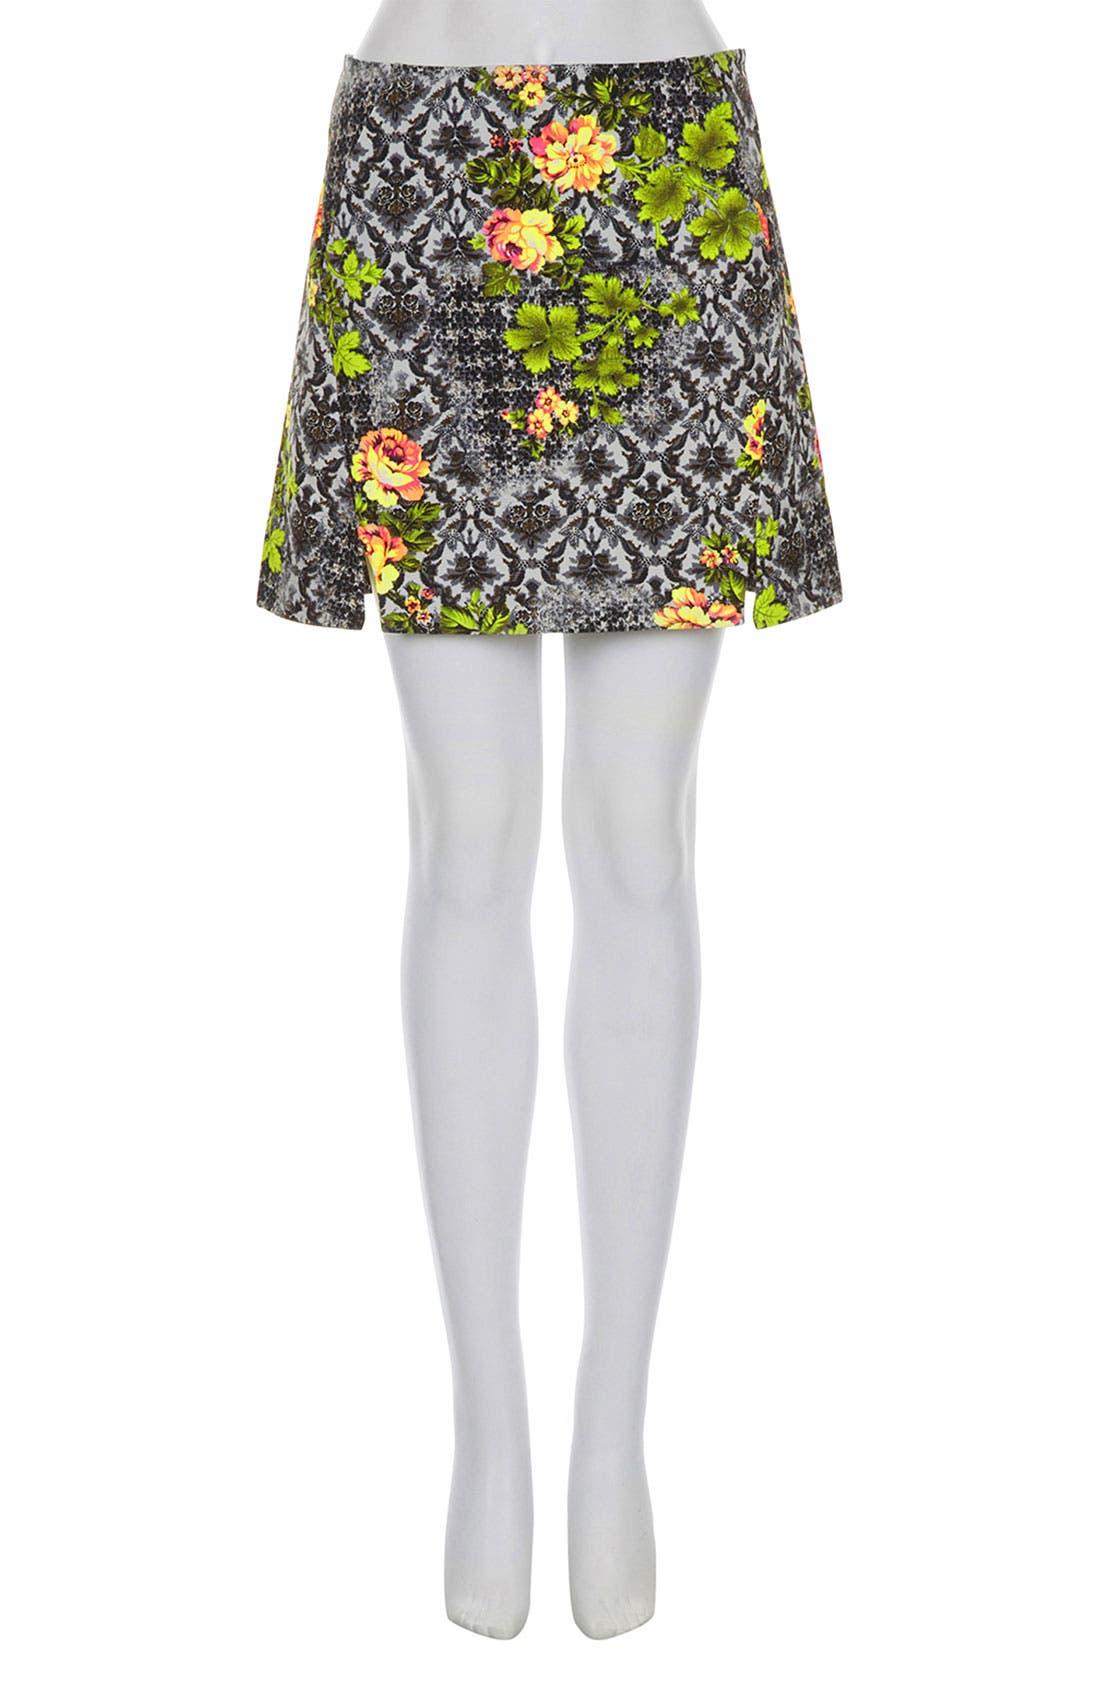 Alternate Image 3  - Topshop 'Acid Leaf' A-Line Skirt